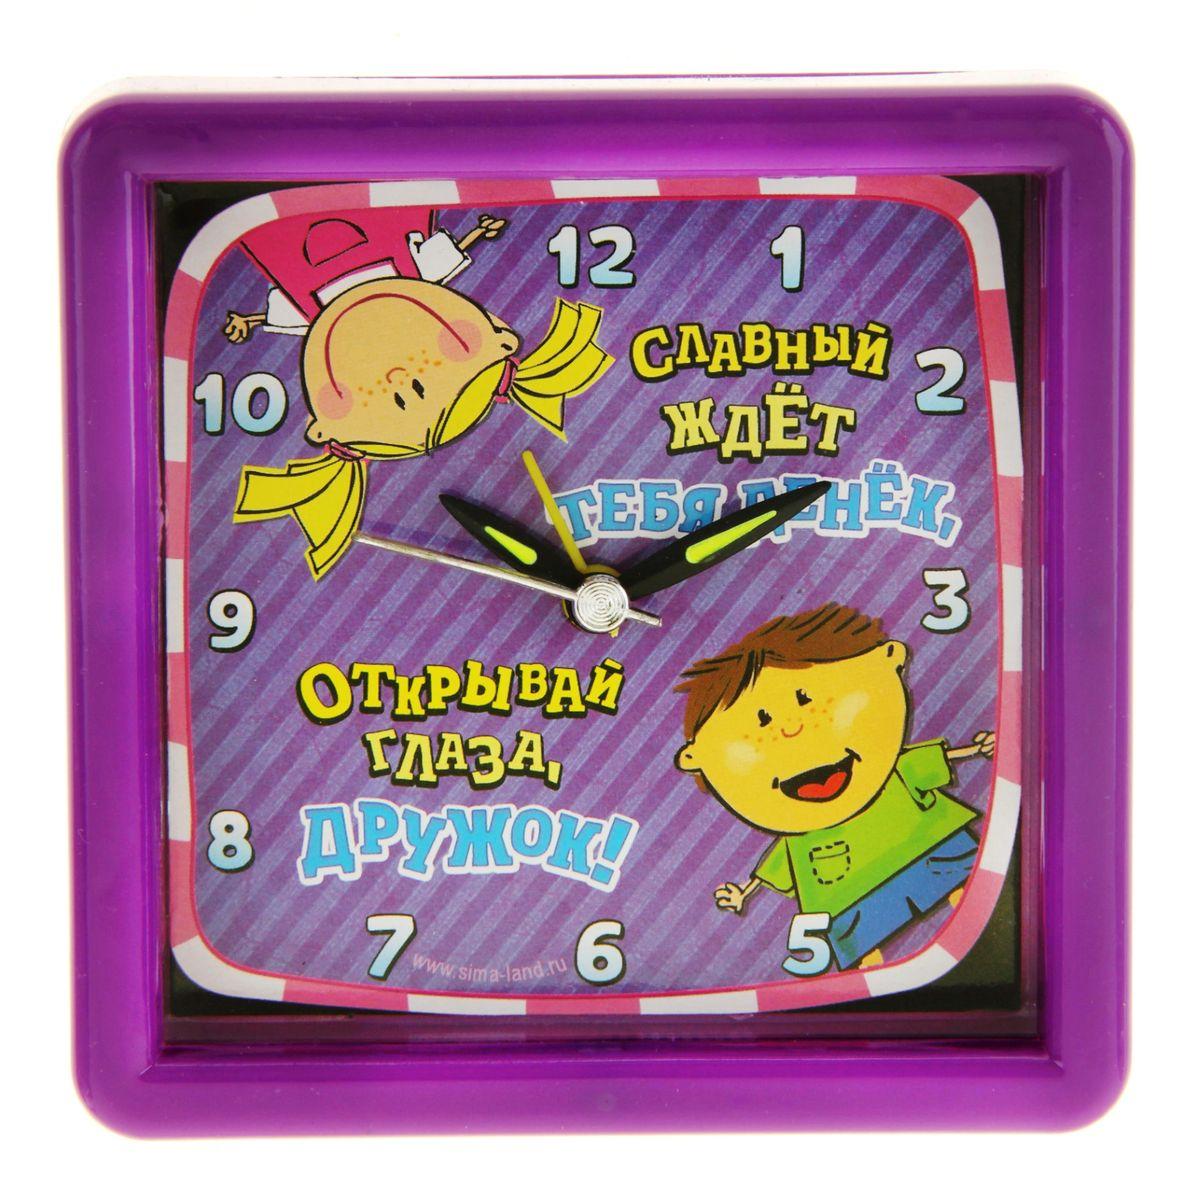 Часы-будильник Sima-land Славный ждет тебя денек906611Как же сложно иногда вставать вовремя! Всегда так хочется поспать еще хотя бы 5 минут и бывает, что мы просыпаем. Теперь этого не случится! Яркий, оригинальный будильник Sima-land Славный ждет тебя денек поможет вам всегда вставать в нужное время и успевать везде и всюду.Корпус будильника выполнен из пластика. Циферблат оформлен изображением веселых ребят и надписью: Славный ждет тебя денек, открывай глаза, дружок!. Часы снабжены 4 стрелками (секундная, минутная, часовая и для будильника), часовая и минутная стрелки покрыты люминесцентным раствором, светящимся в темноте. На задней панели будильника расположен переключатель включения/выключения механизма, а также два колесика для настройки текущего времени и времени звонка будильника.Такие часы прекрасно подойдут для детской комнаты, они сделают интерьер более насыщенным и выразительным. Пользоваться будильником очень легко: нужно всего лишь поставить батарейку, настроить точное время и установить время звонка. Необходимо докупить 1 батарейку типа АА (не входит в комплект).